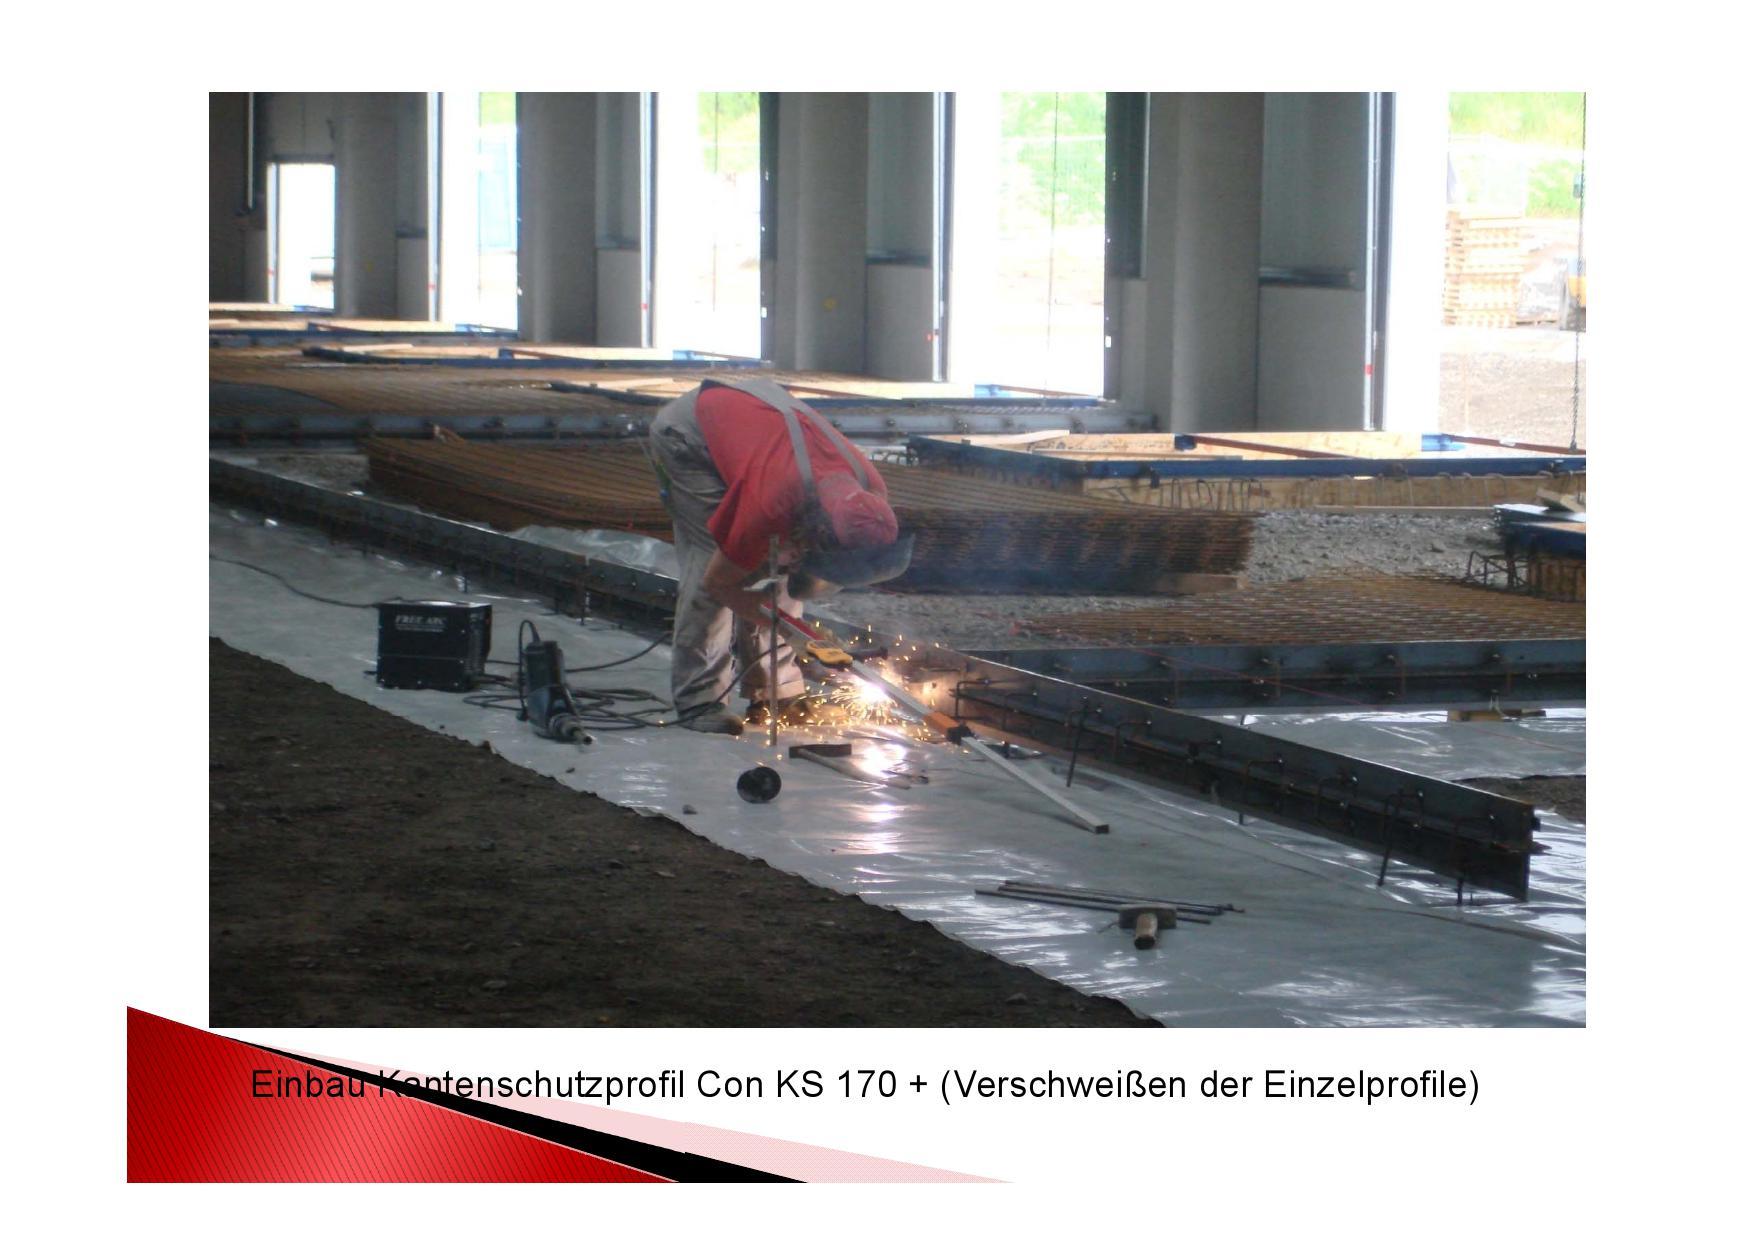 Einbau Kantenschutzprofil Con KS 170+ verschweißen der Einzelprofile